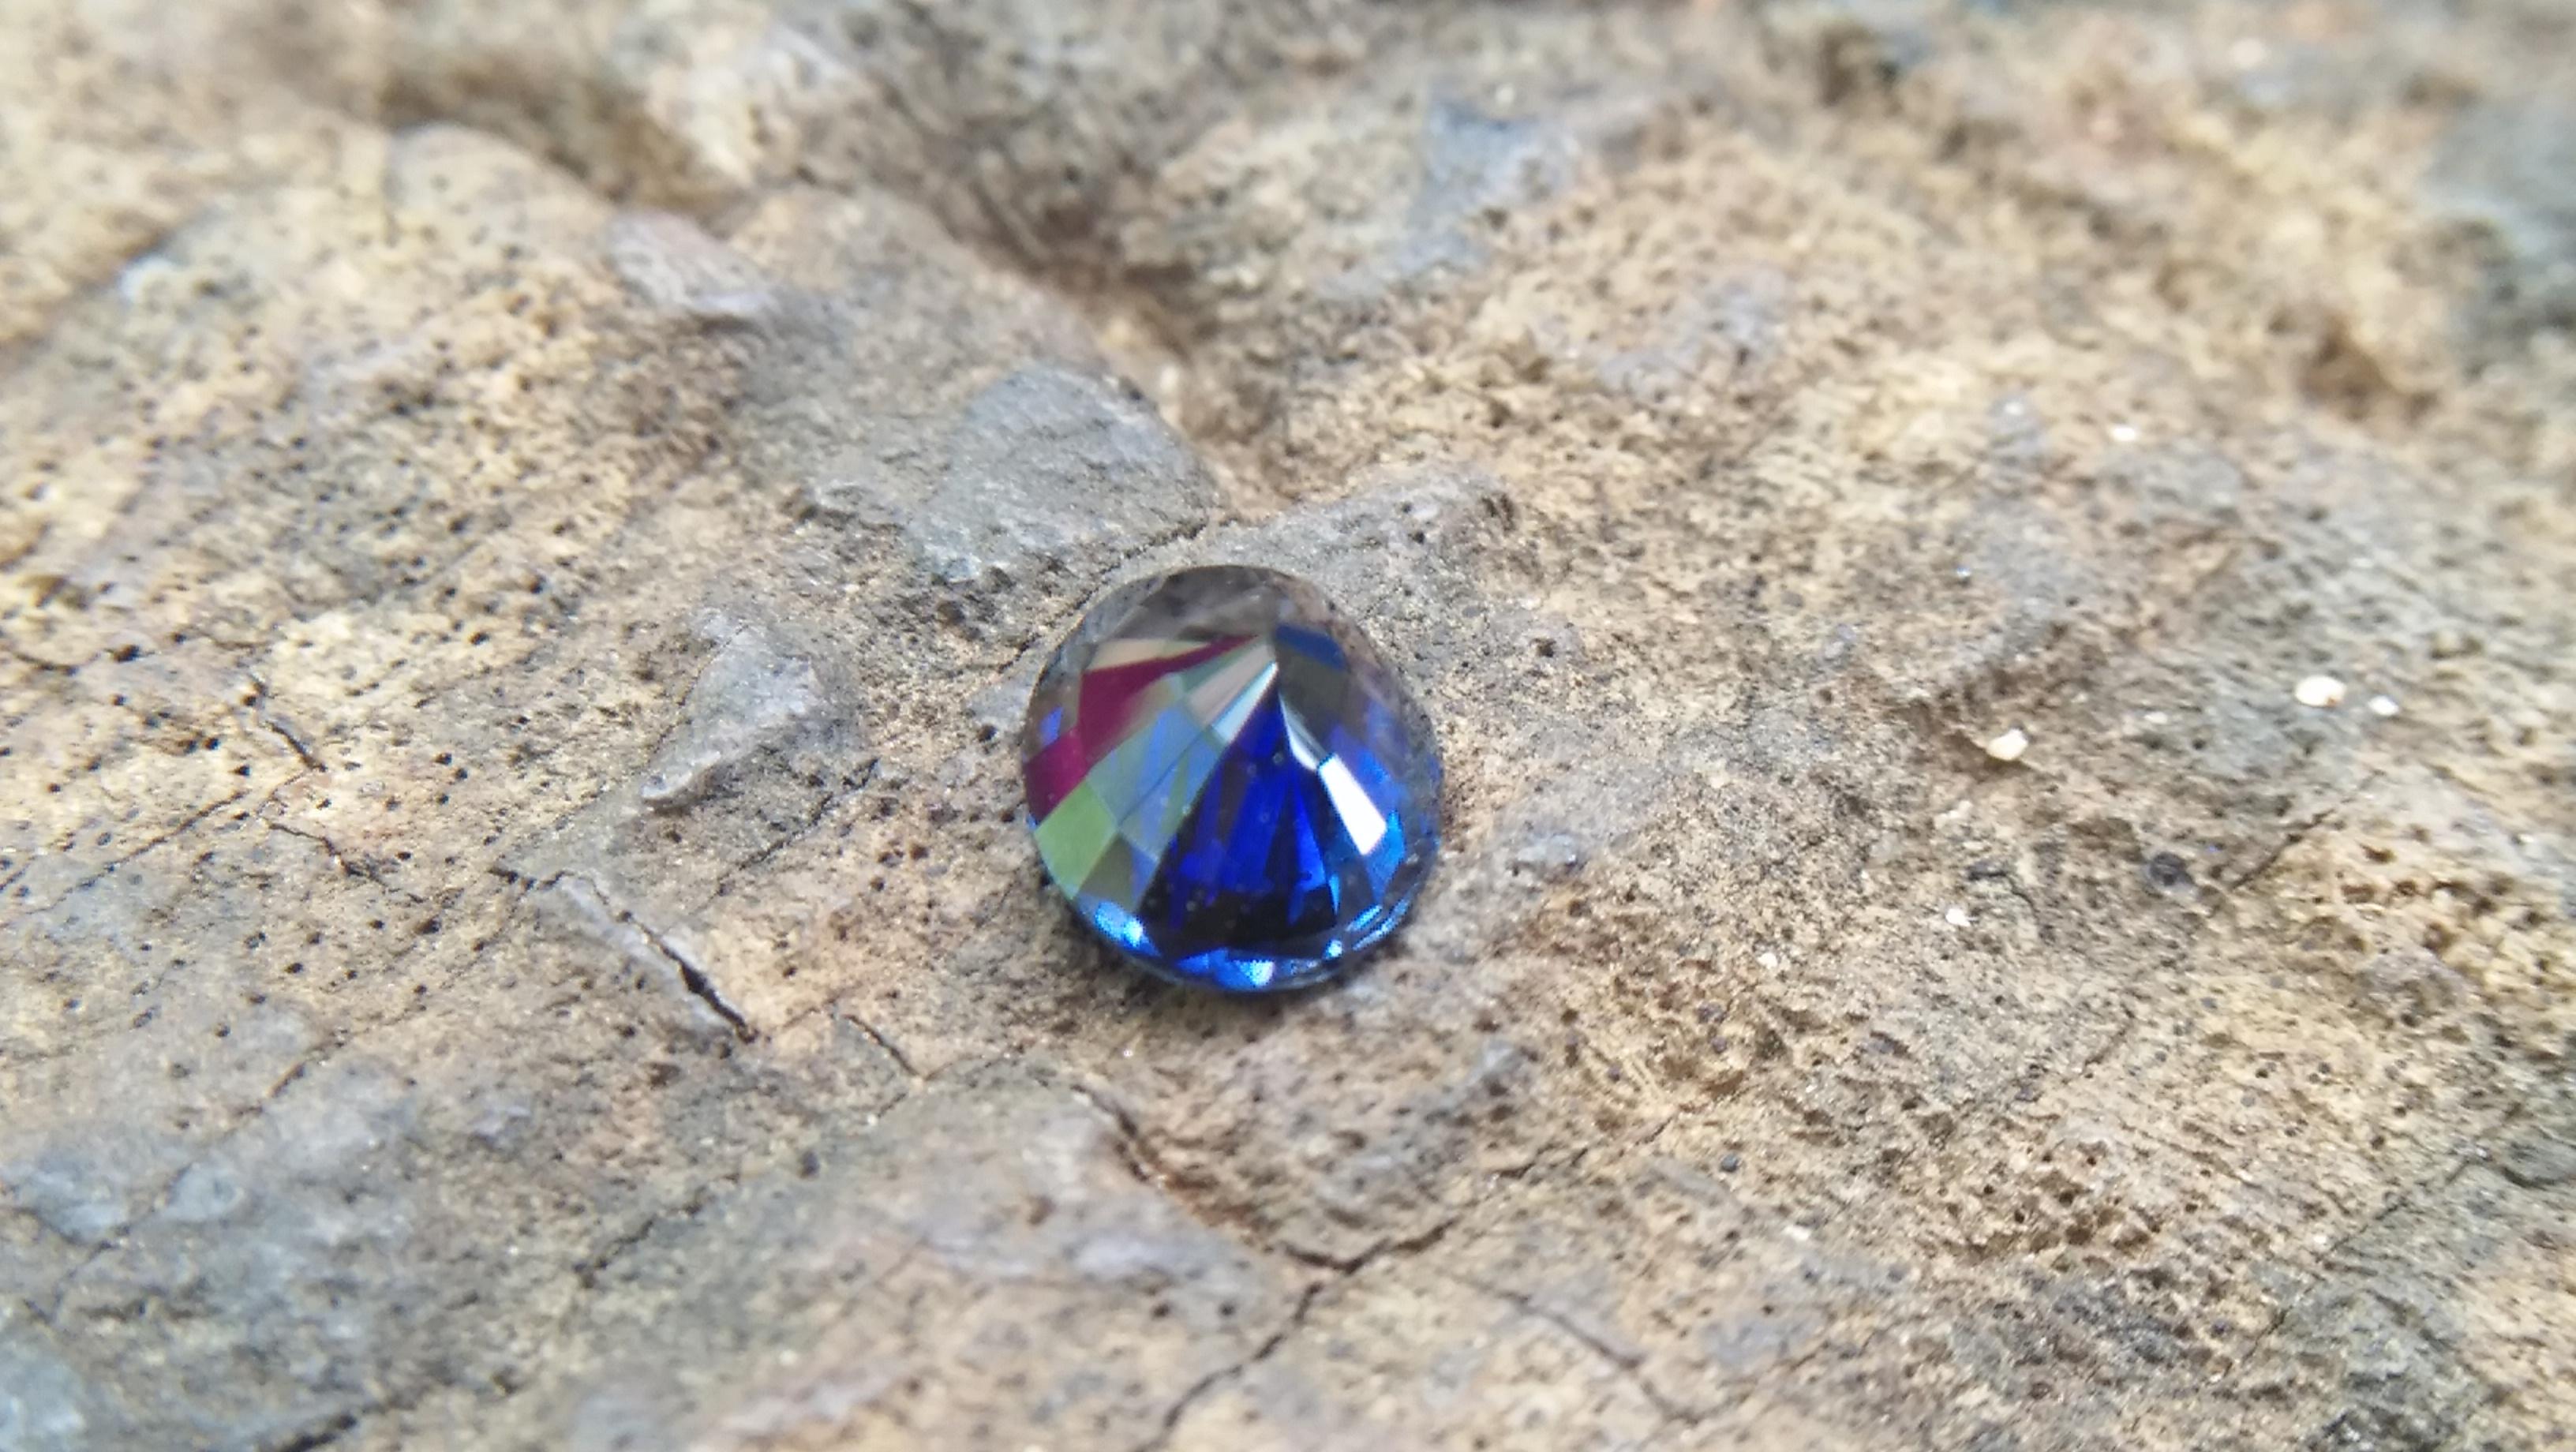 Natural Dark Blue Sapphire ( Kakanil ) කාකනිල් සෙනසුරු ග්රහයාට අයත් මැණික Stone of Saturn Shape : Ovel Clarity : Clean Treatment : Natural/Unheated Dimension : 5.9mm x 4.8mm x 3.3mm Weight : 0.79Cts Location : City of Gem Ratnapura Sri Lanka